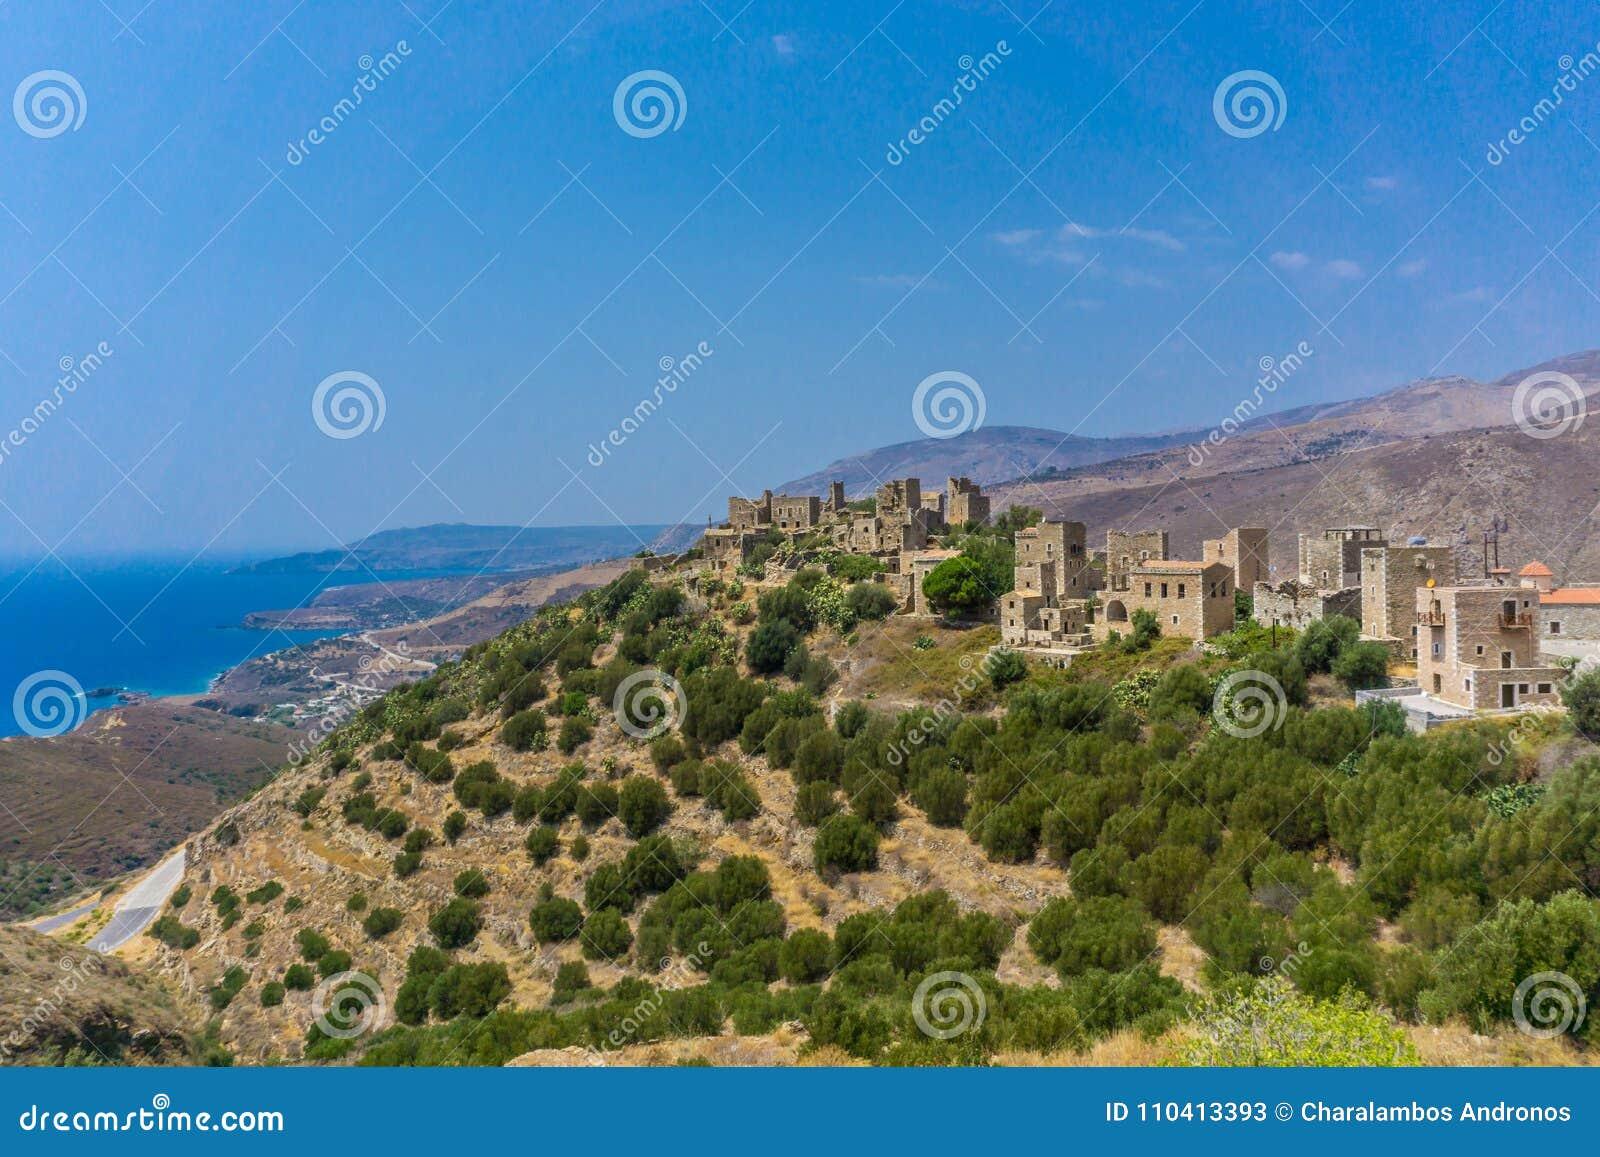 Panorama van torenhuizen bij het dorp van Vathia Vatheia in Mani Greece